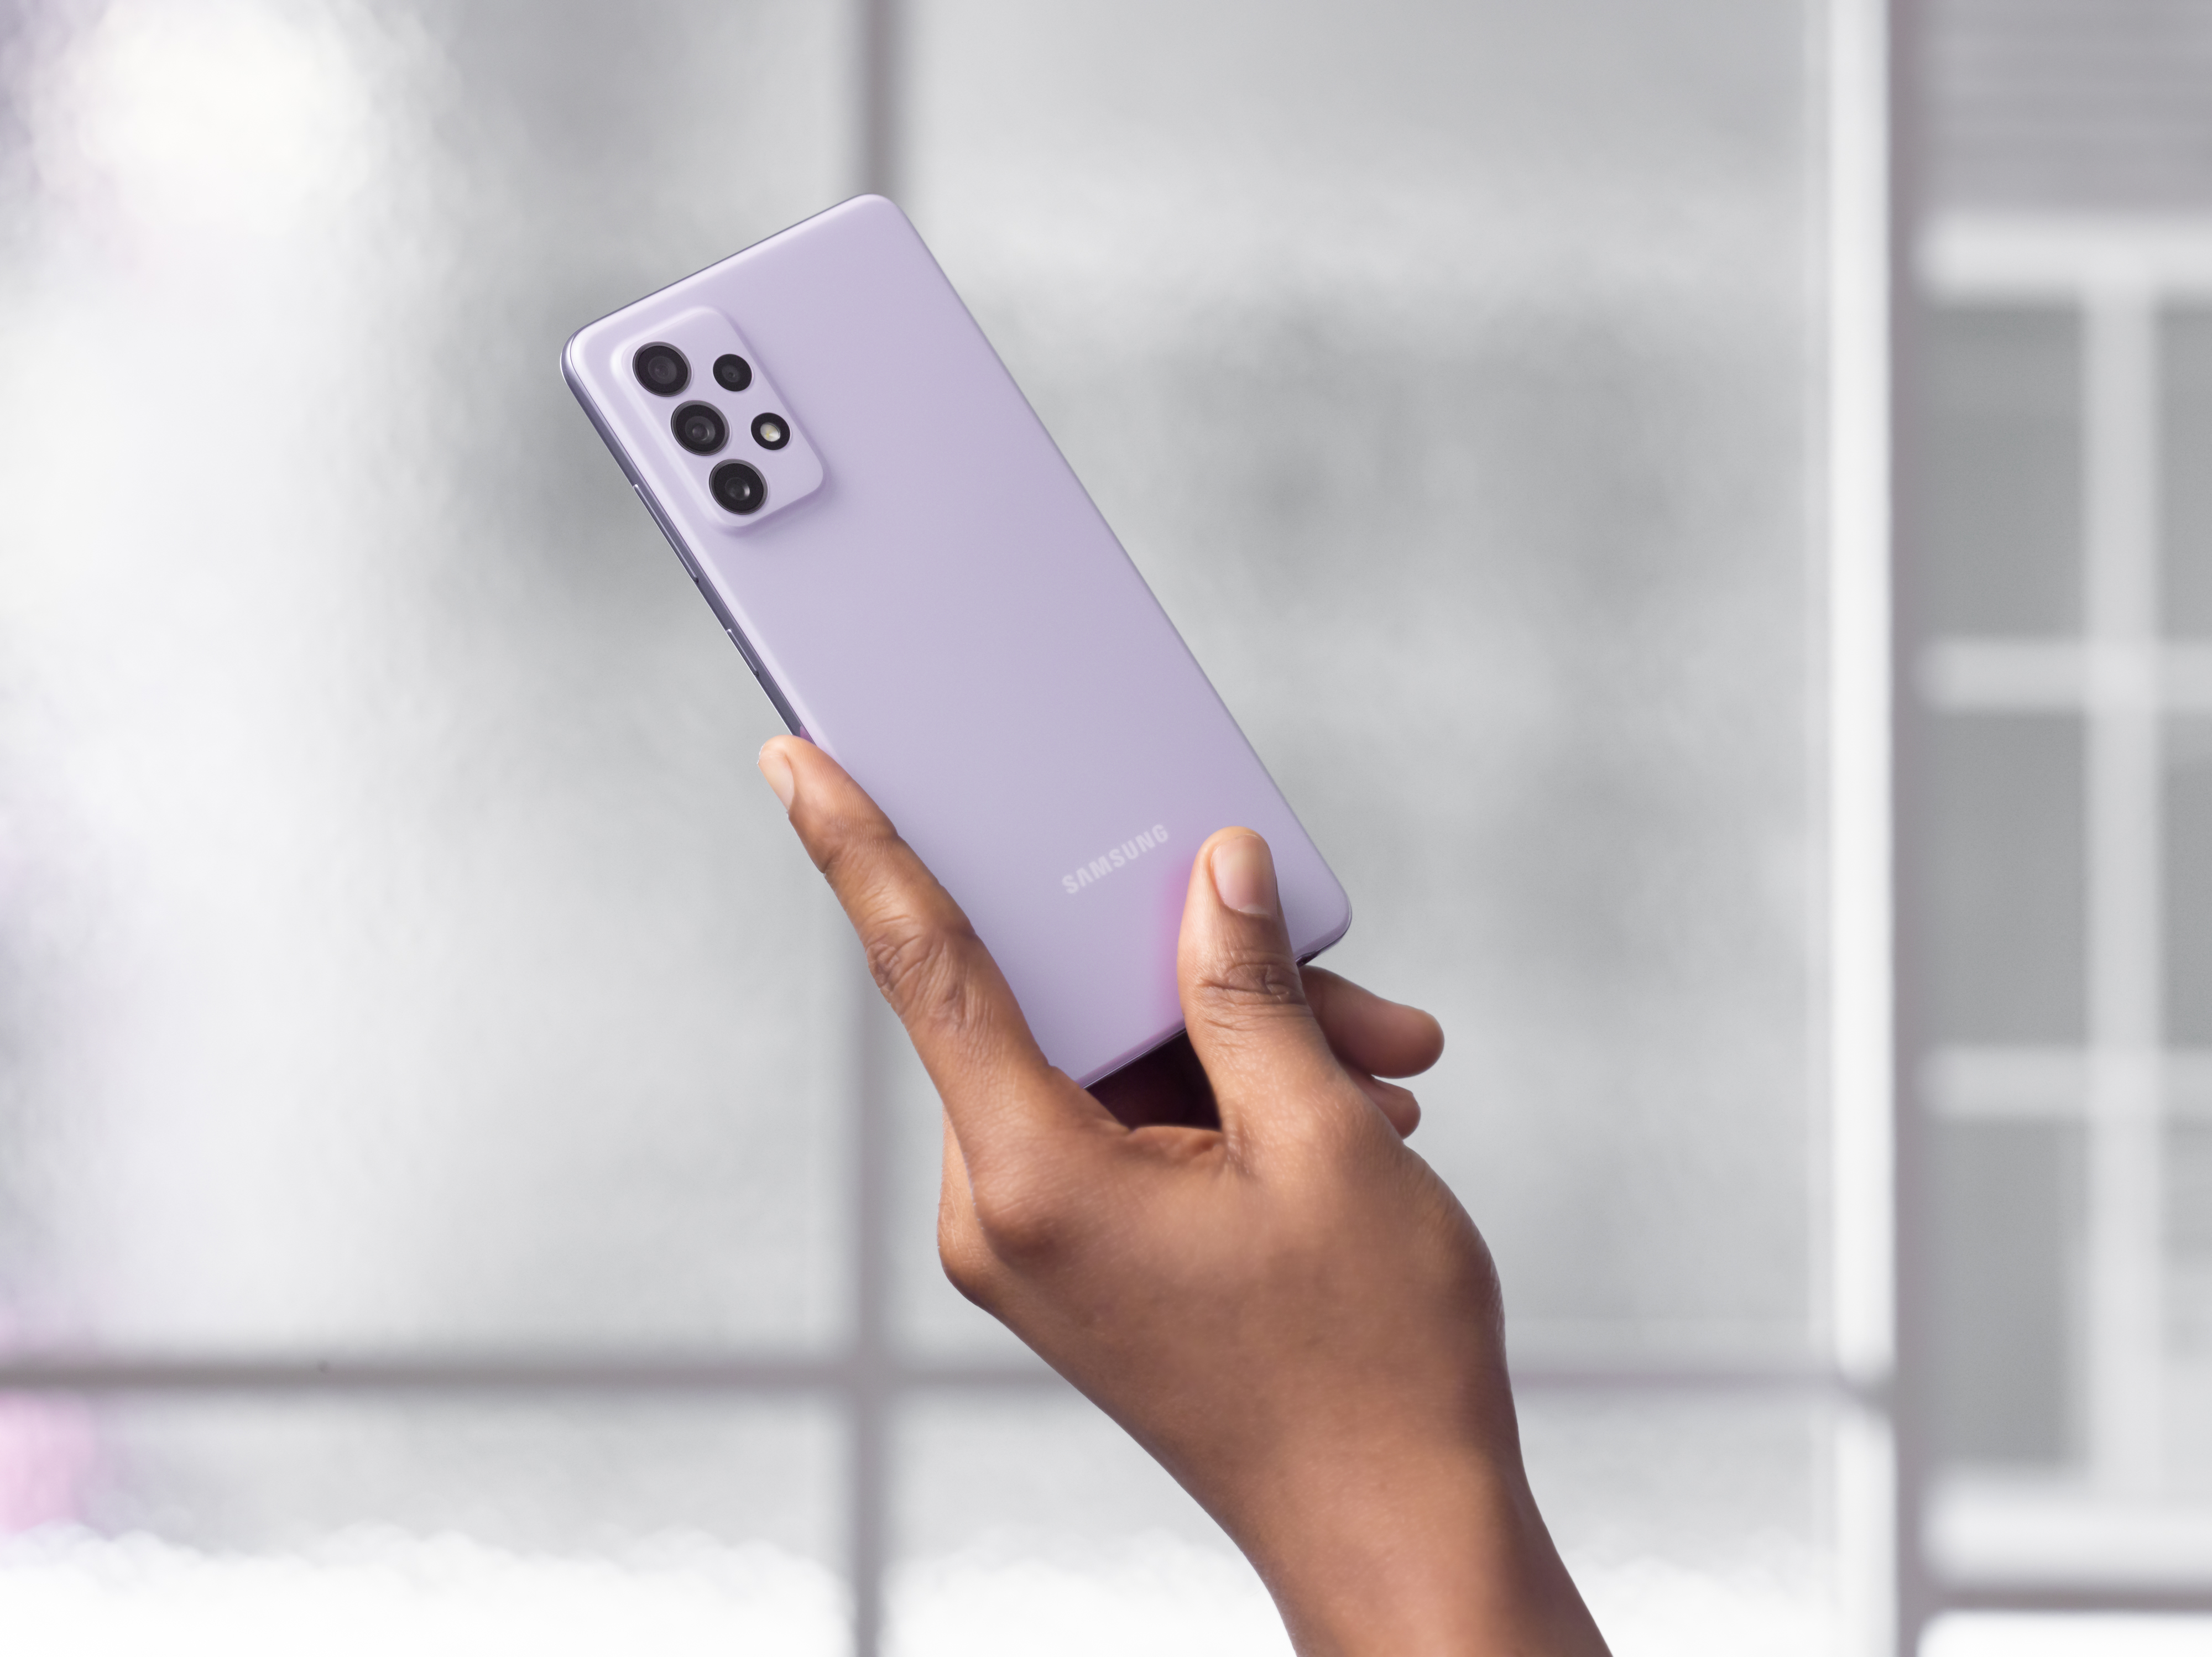 Samsung Galaxy A52 и Galaxy A72: смартфоны с 90 Гц дисплеями, квадрокамерами и водозащитой IP67 от €430